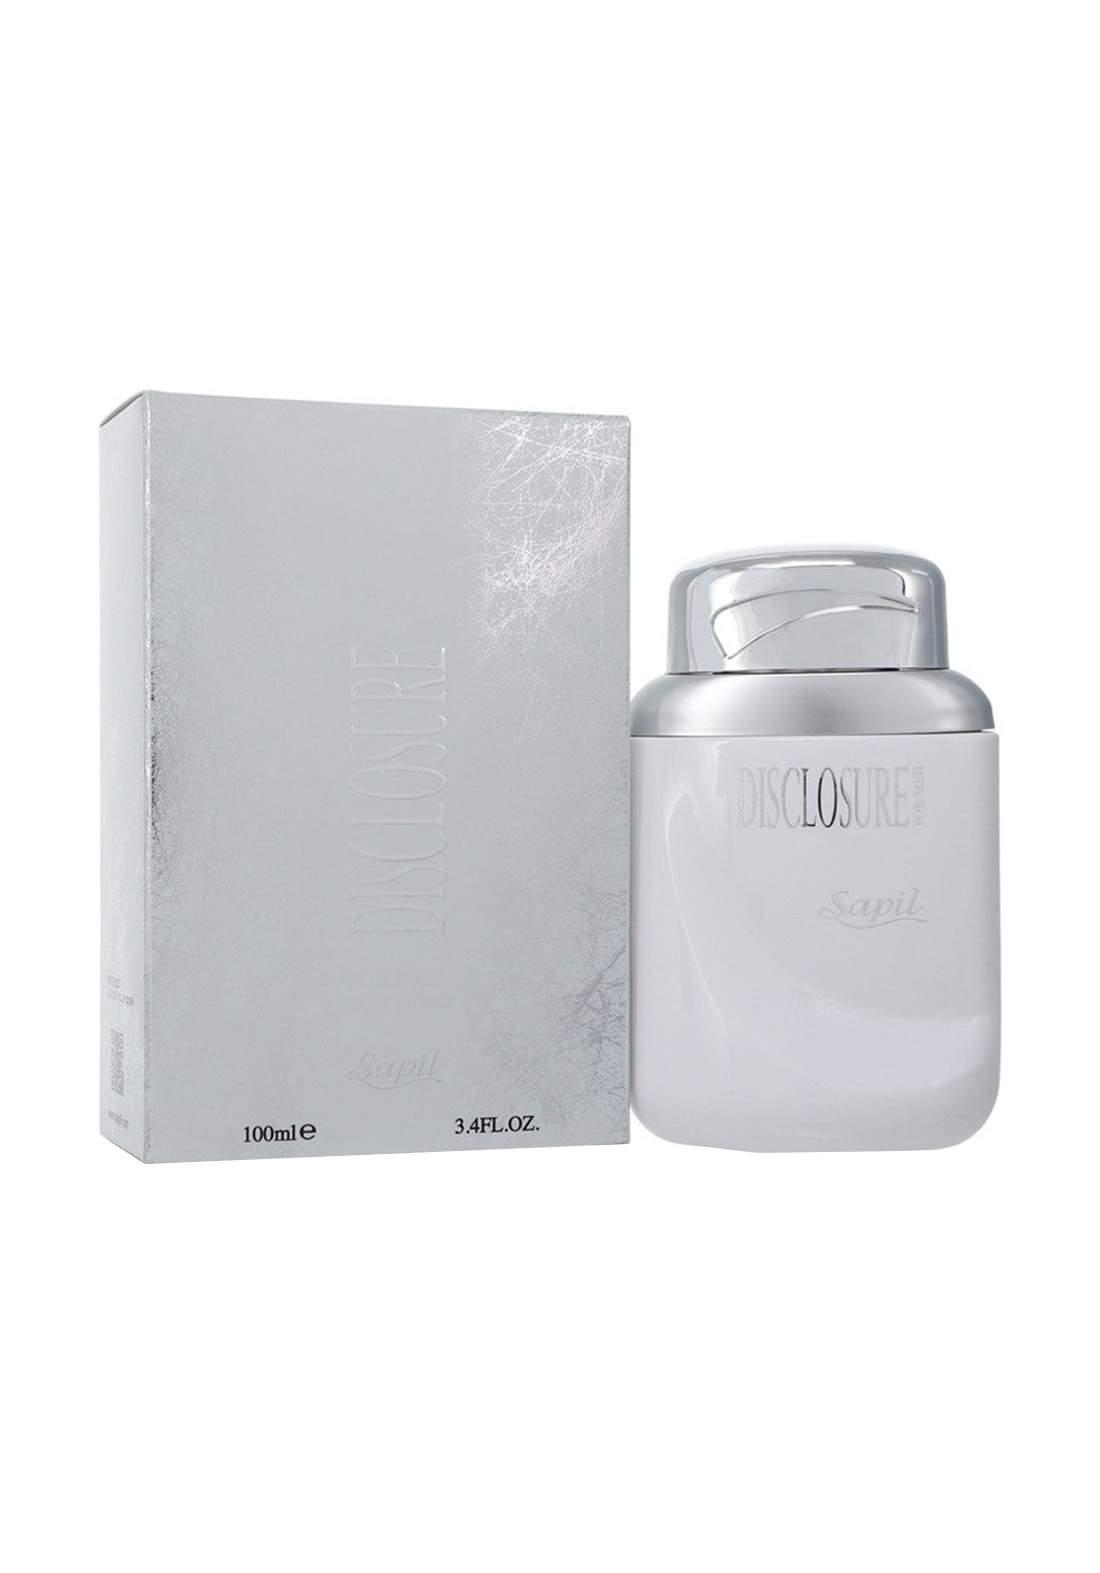 Sapil Disclosure 347U  Eau De Toilette Perfume Mens Cologne for Men 100 ml-White عطر رجالي